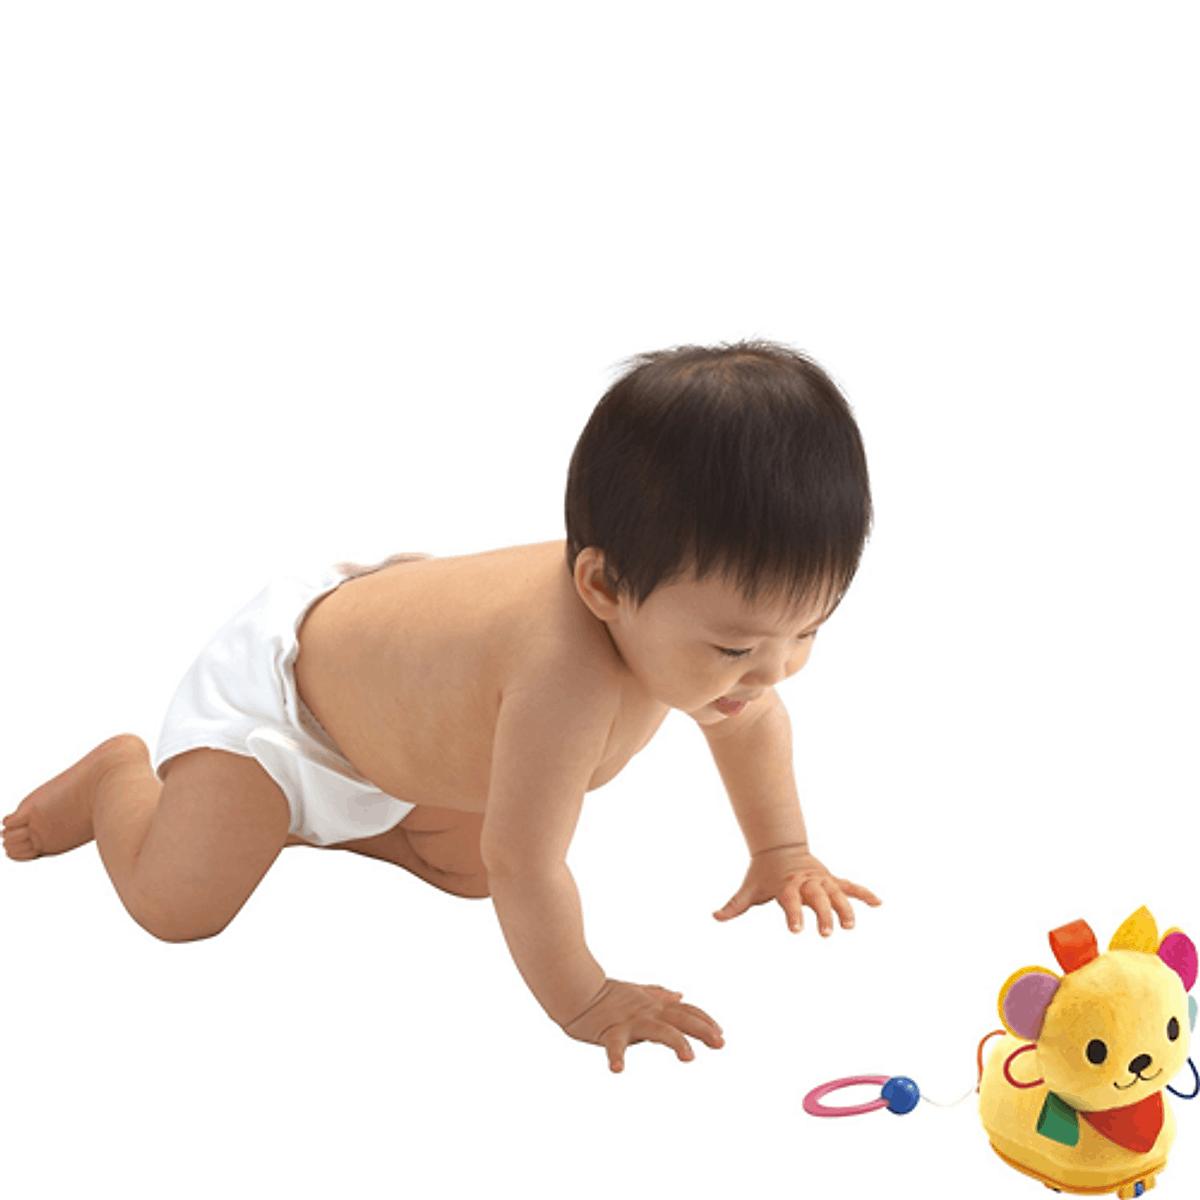 đồ chơi bé sơ sinh